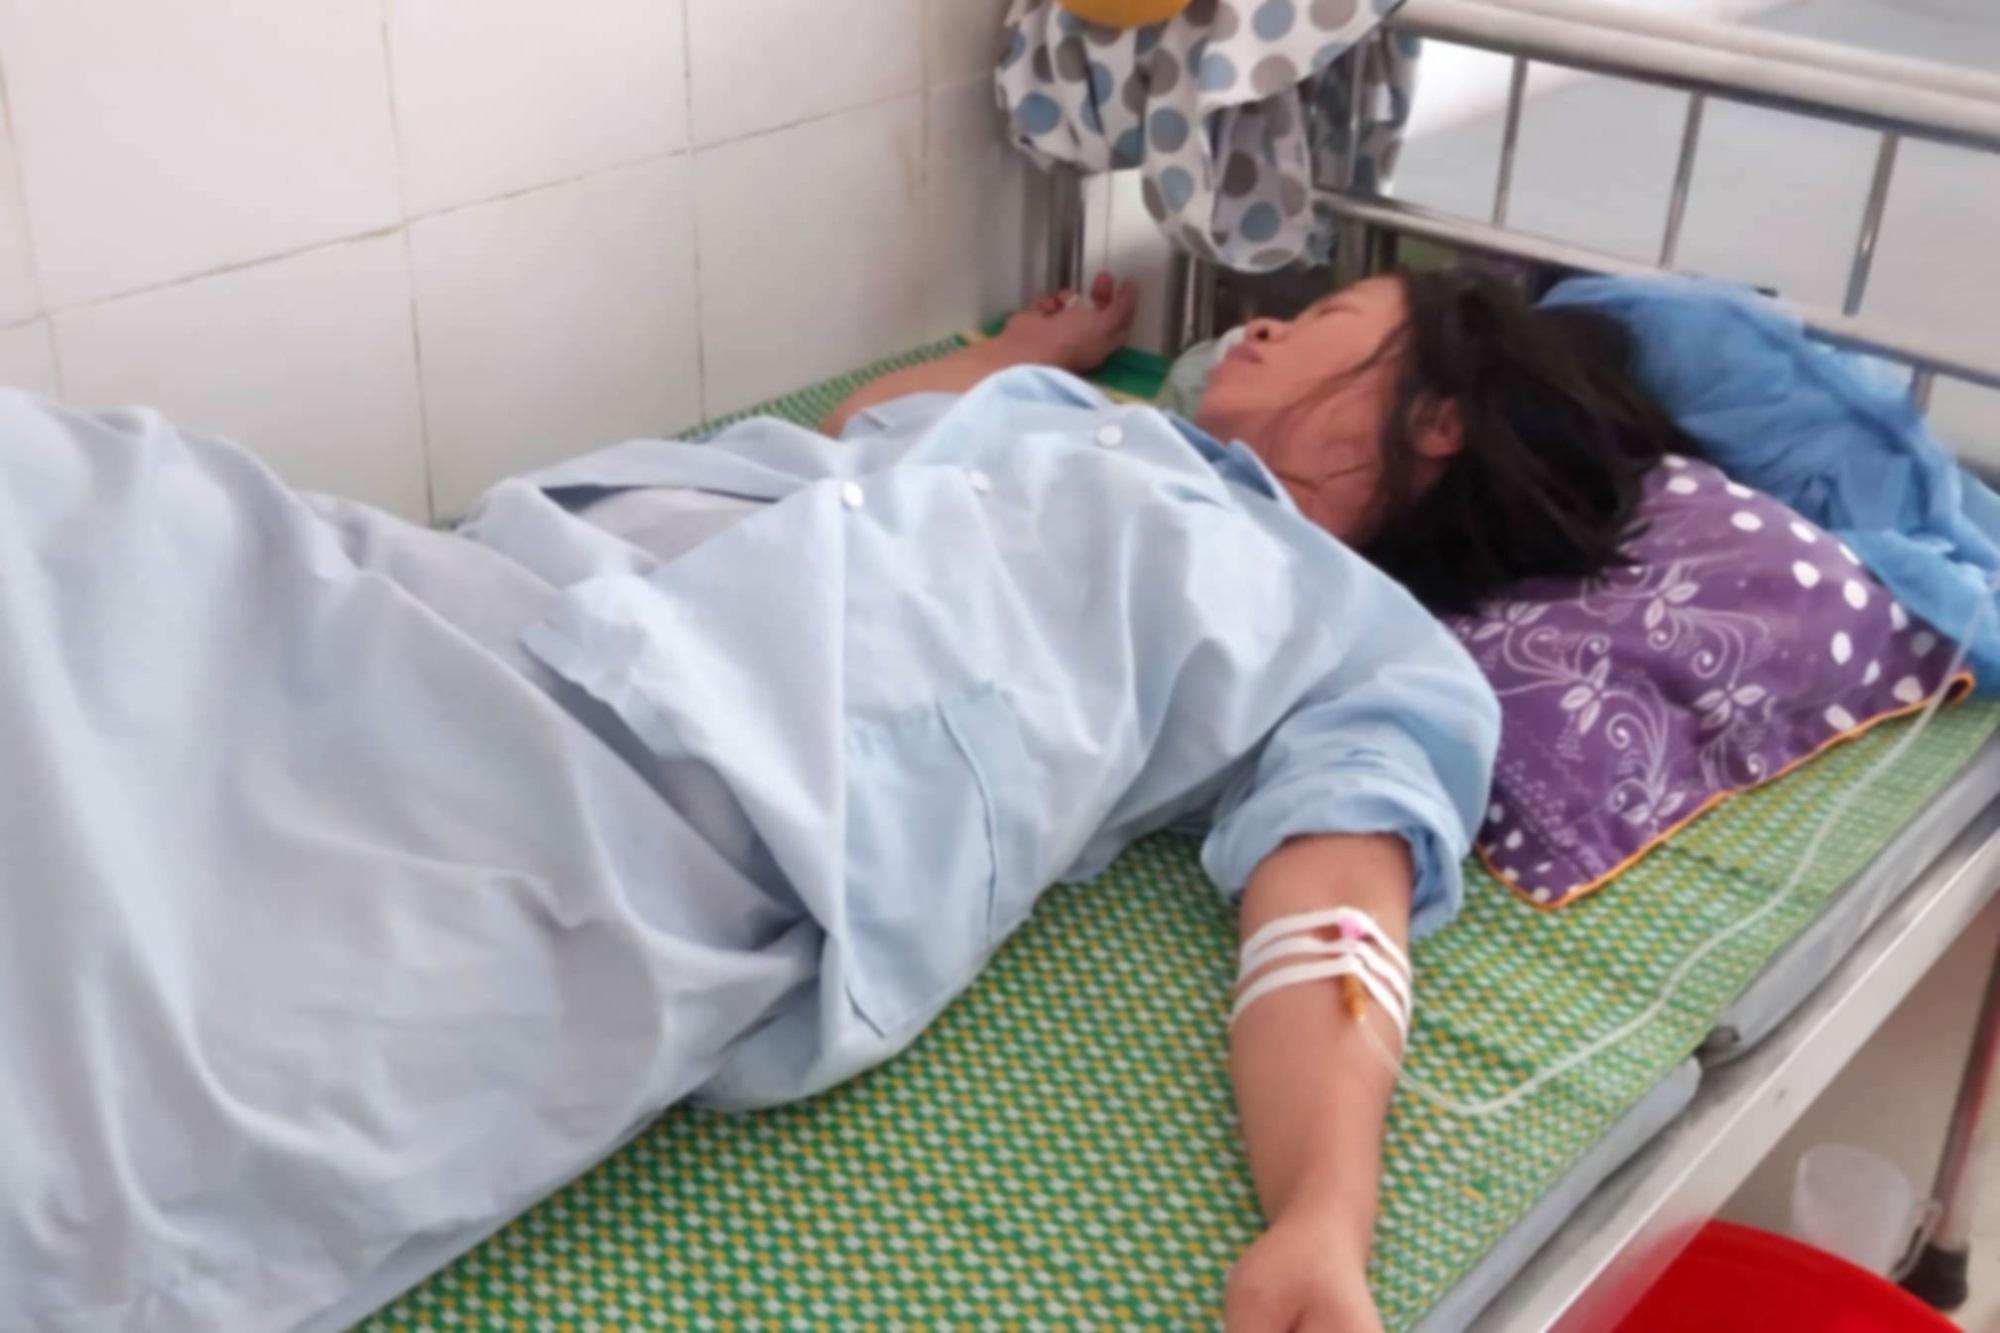 Bác sĩ trực chính vụ trẻ sơ sinh bị kéo đứt cổ có chuyên khoa răng hàm mặt - Ảnh 2